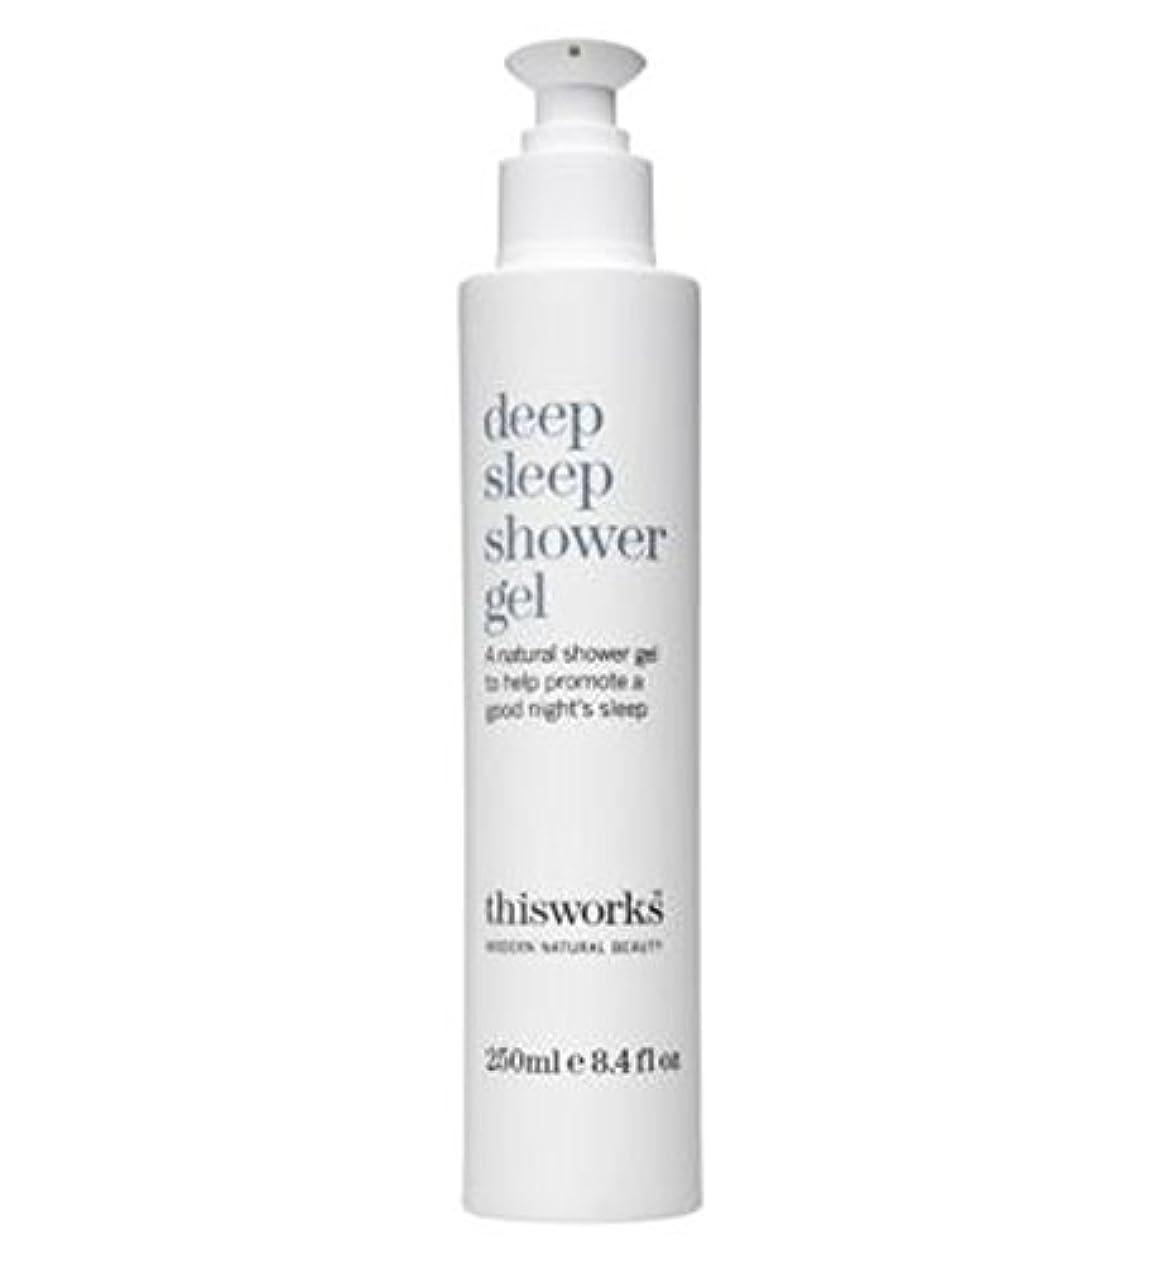 ポインタほこりっぽい息子this works deep sleep shower gel 250ml - これは、深い眠りシャワージェル250ミリリットルの作品 (This Works) [並行輸入品]